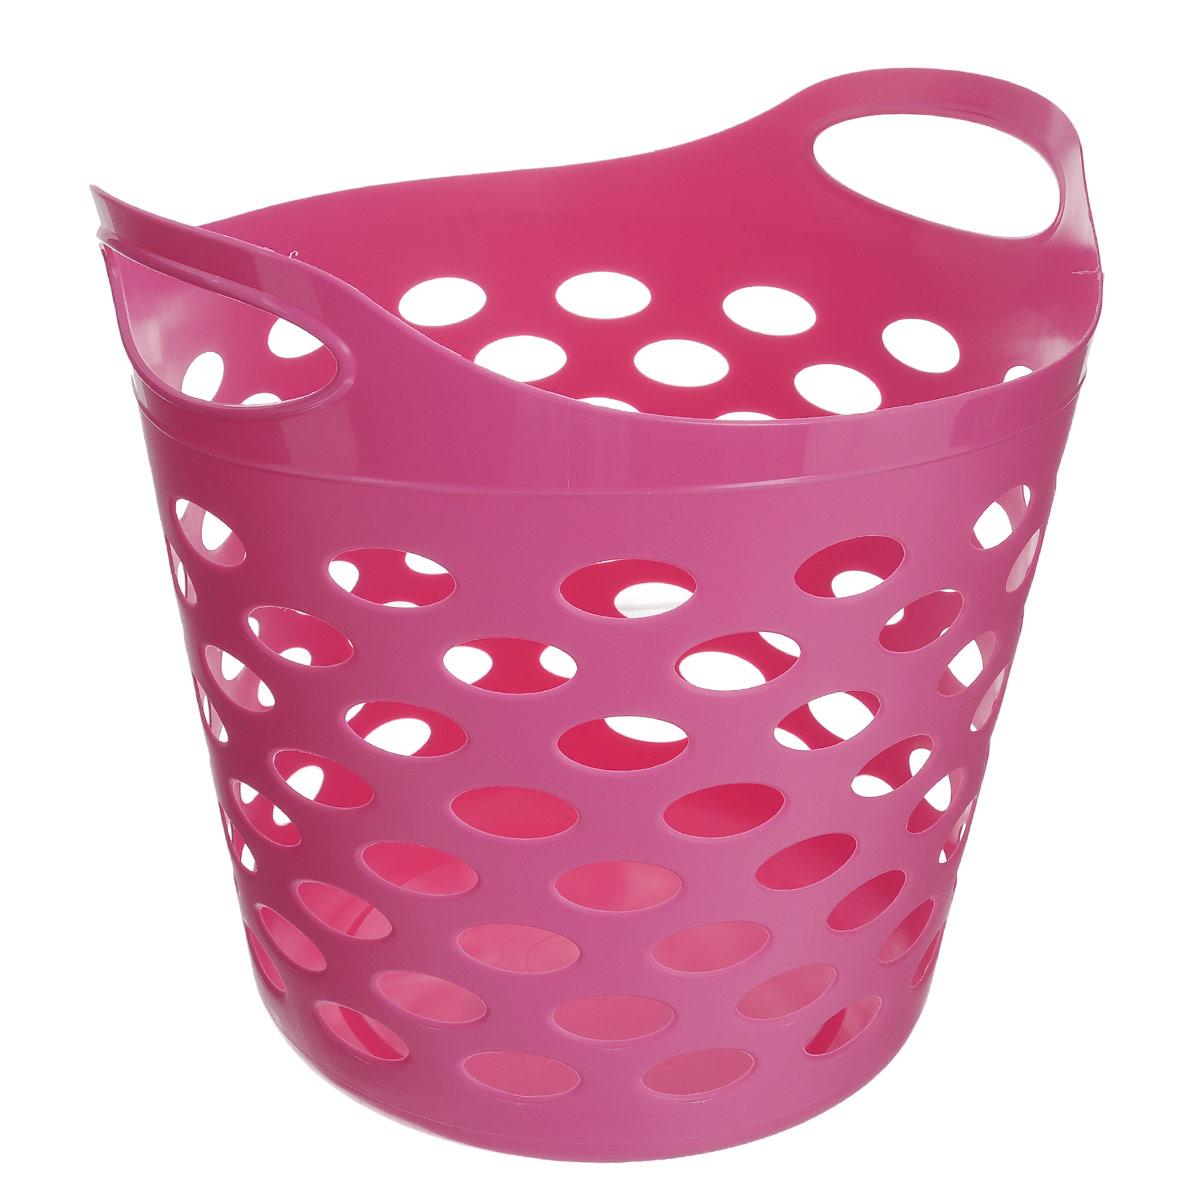 Корзина универсальная Gensini, цвет: розовый, 32 л3310_розовыйУниверсальная корзина Gensini отлично подойдет для хранения белья перед стиркой, игрушек и других вещей. Она выполнена из высококачественного мягкого пластика и оснащена двумя удобными ручками для переноски. Современный дизайн корзины позволит ей вписаться в любой интерьер, а благодаря своим компактным размерам она не займет много места. Диаметр корзины (без учета ручек): 37 см. Высота корзины (без учета ручек): 31 см. Высота корзины (с учетом ручек): 38 см. Объем корзины: 32 л.